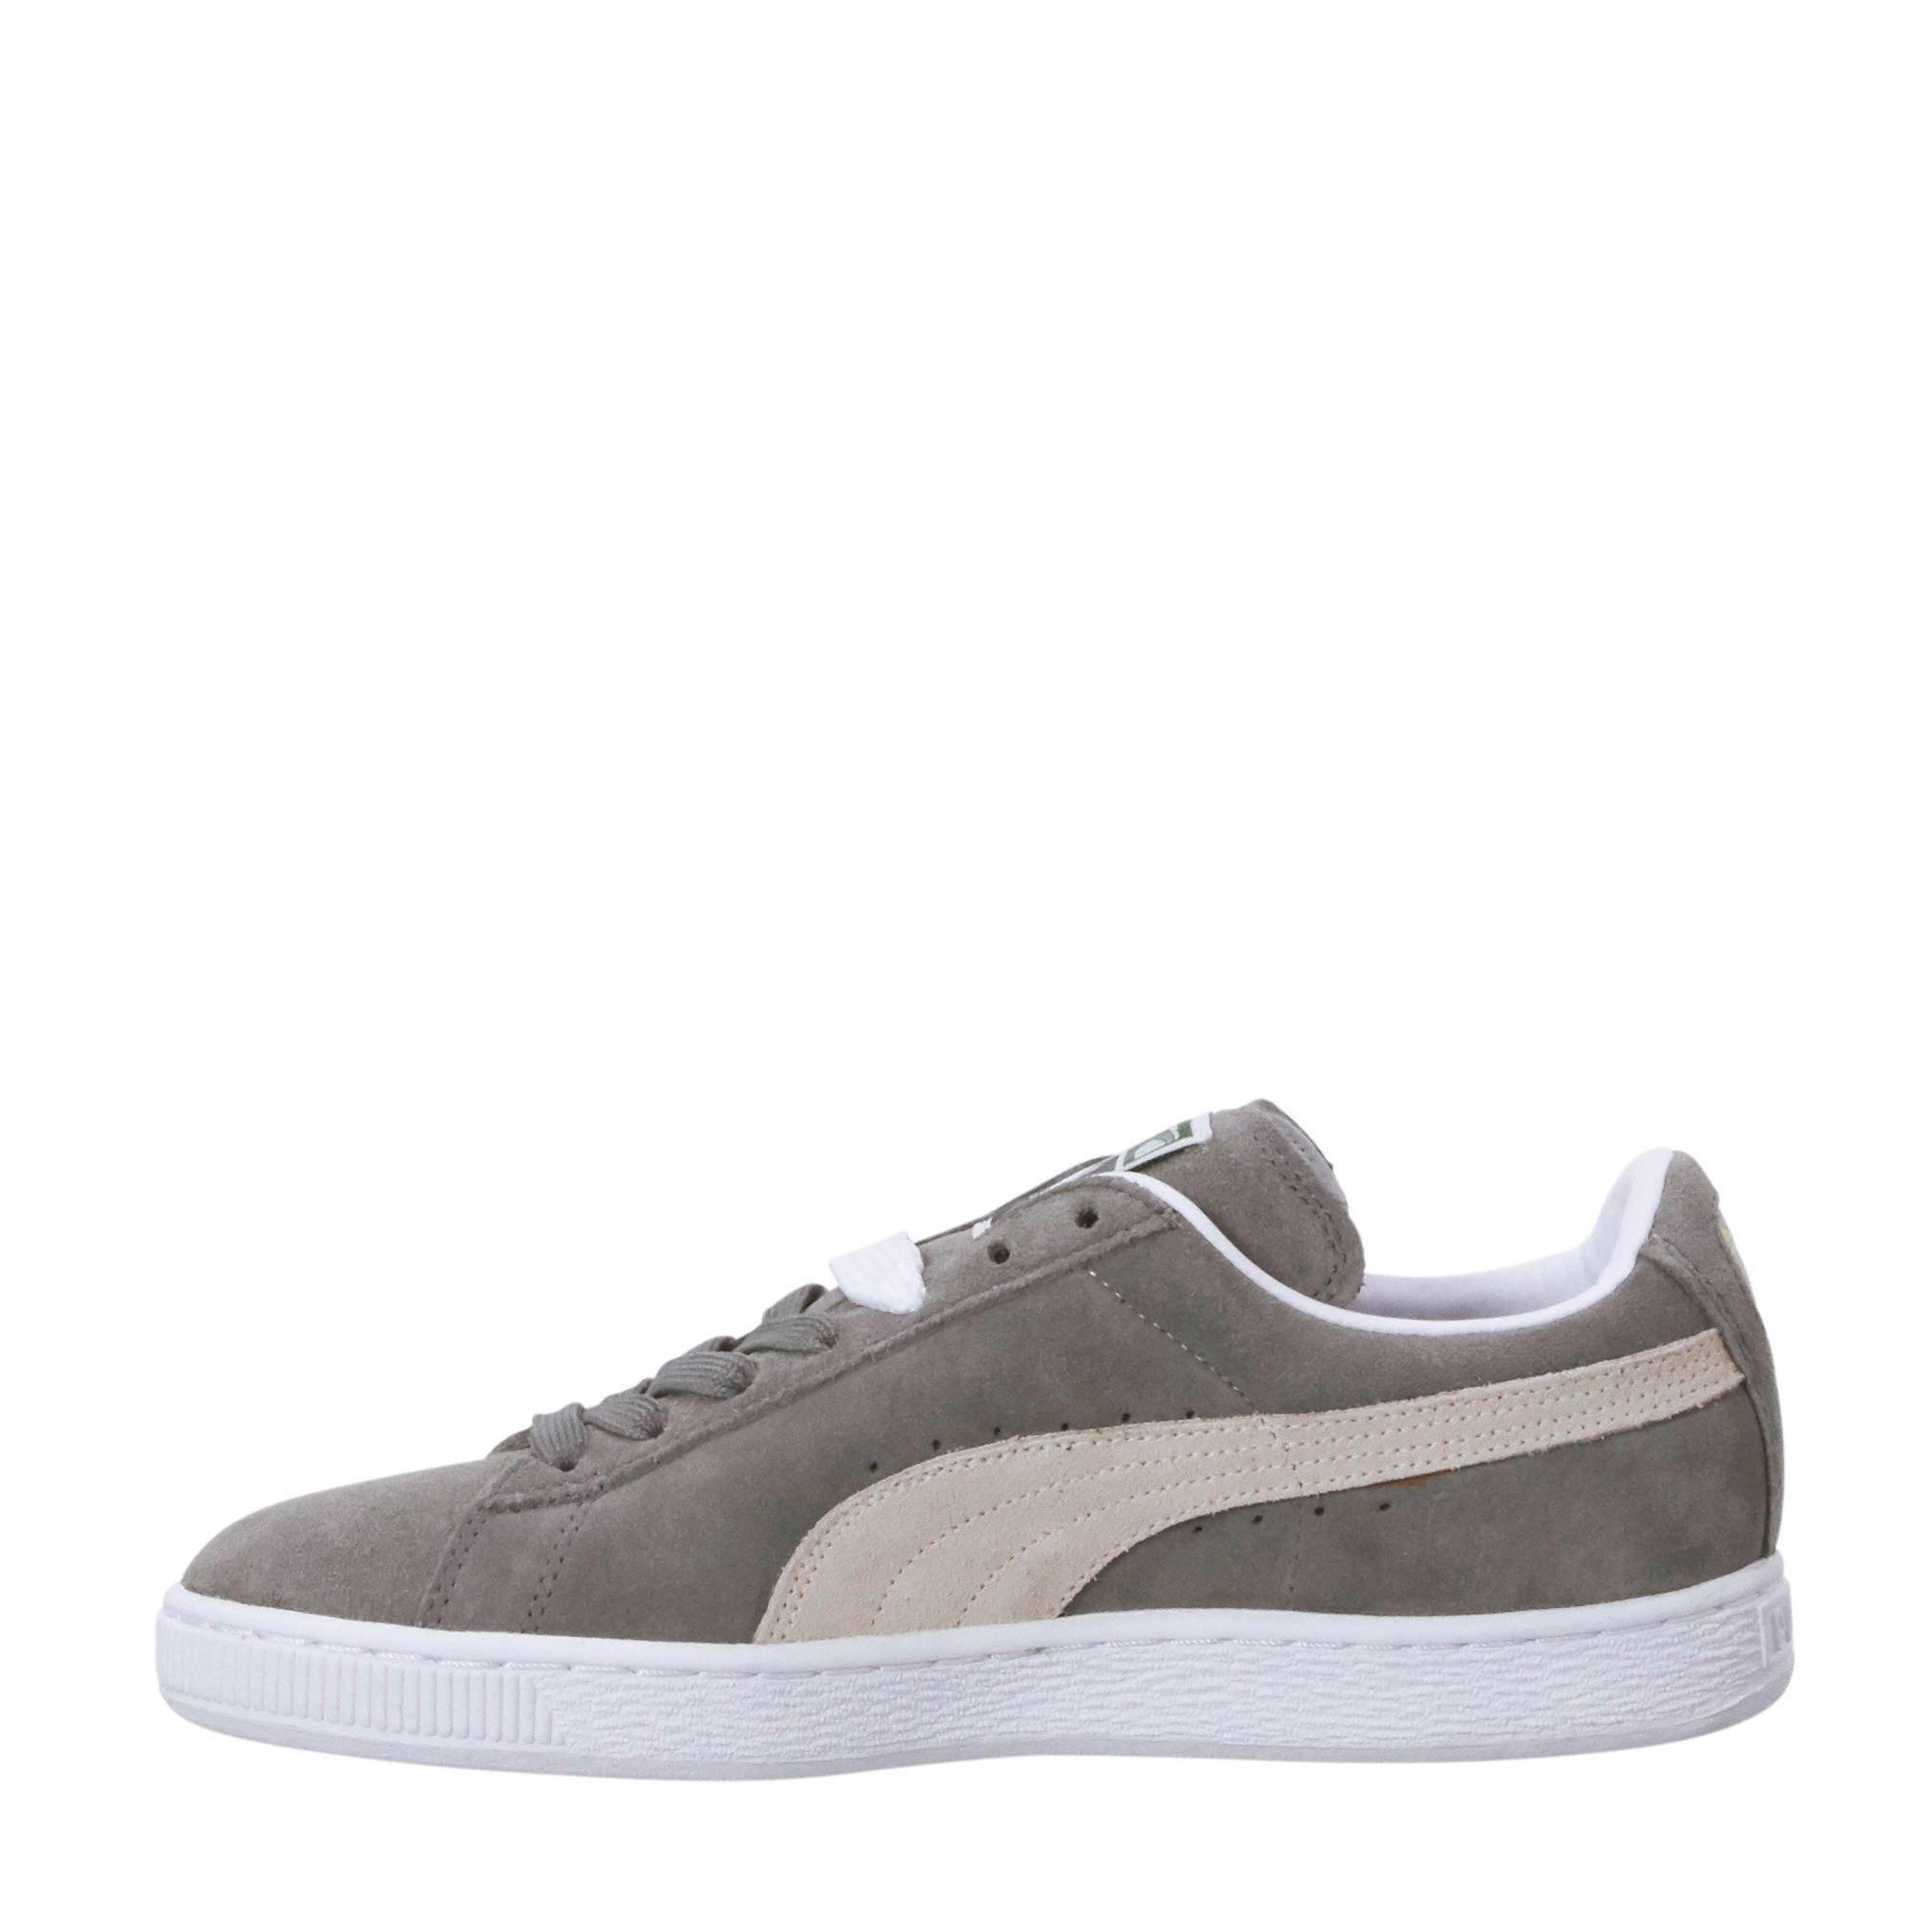 6f49799d829 Puma Suede Classic+ sneakers | wehkamp